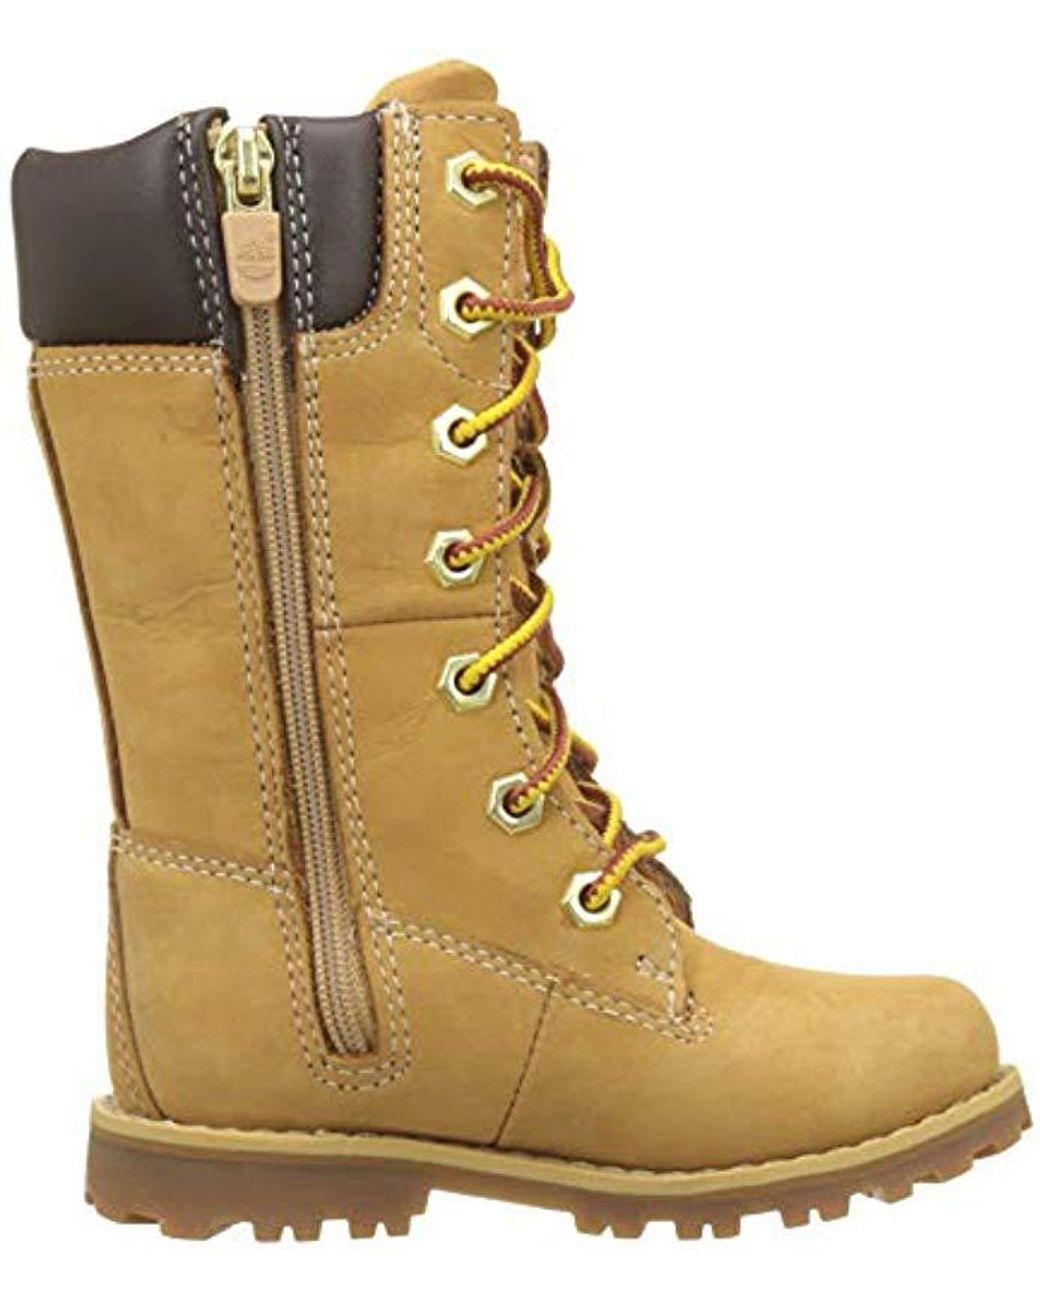 Estados Unidos gran selección de colores armoniosos Zapatos y complementos Zapatos Botas para Niñas Zapatos Timberland ...